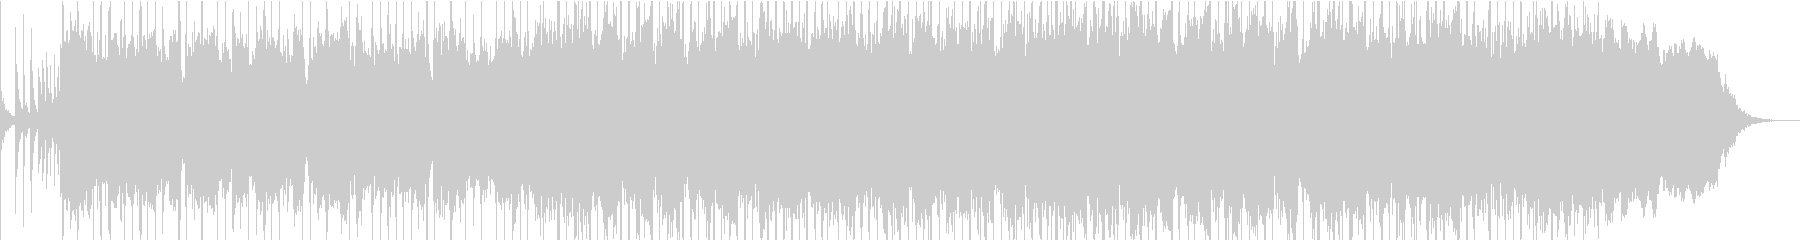 勢いのあるパンクロックの曲の未再生の波形